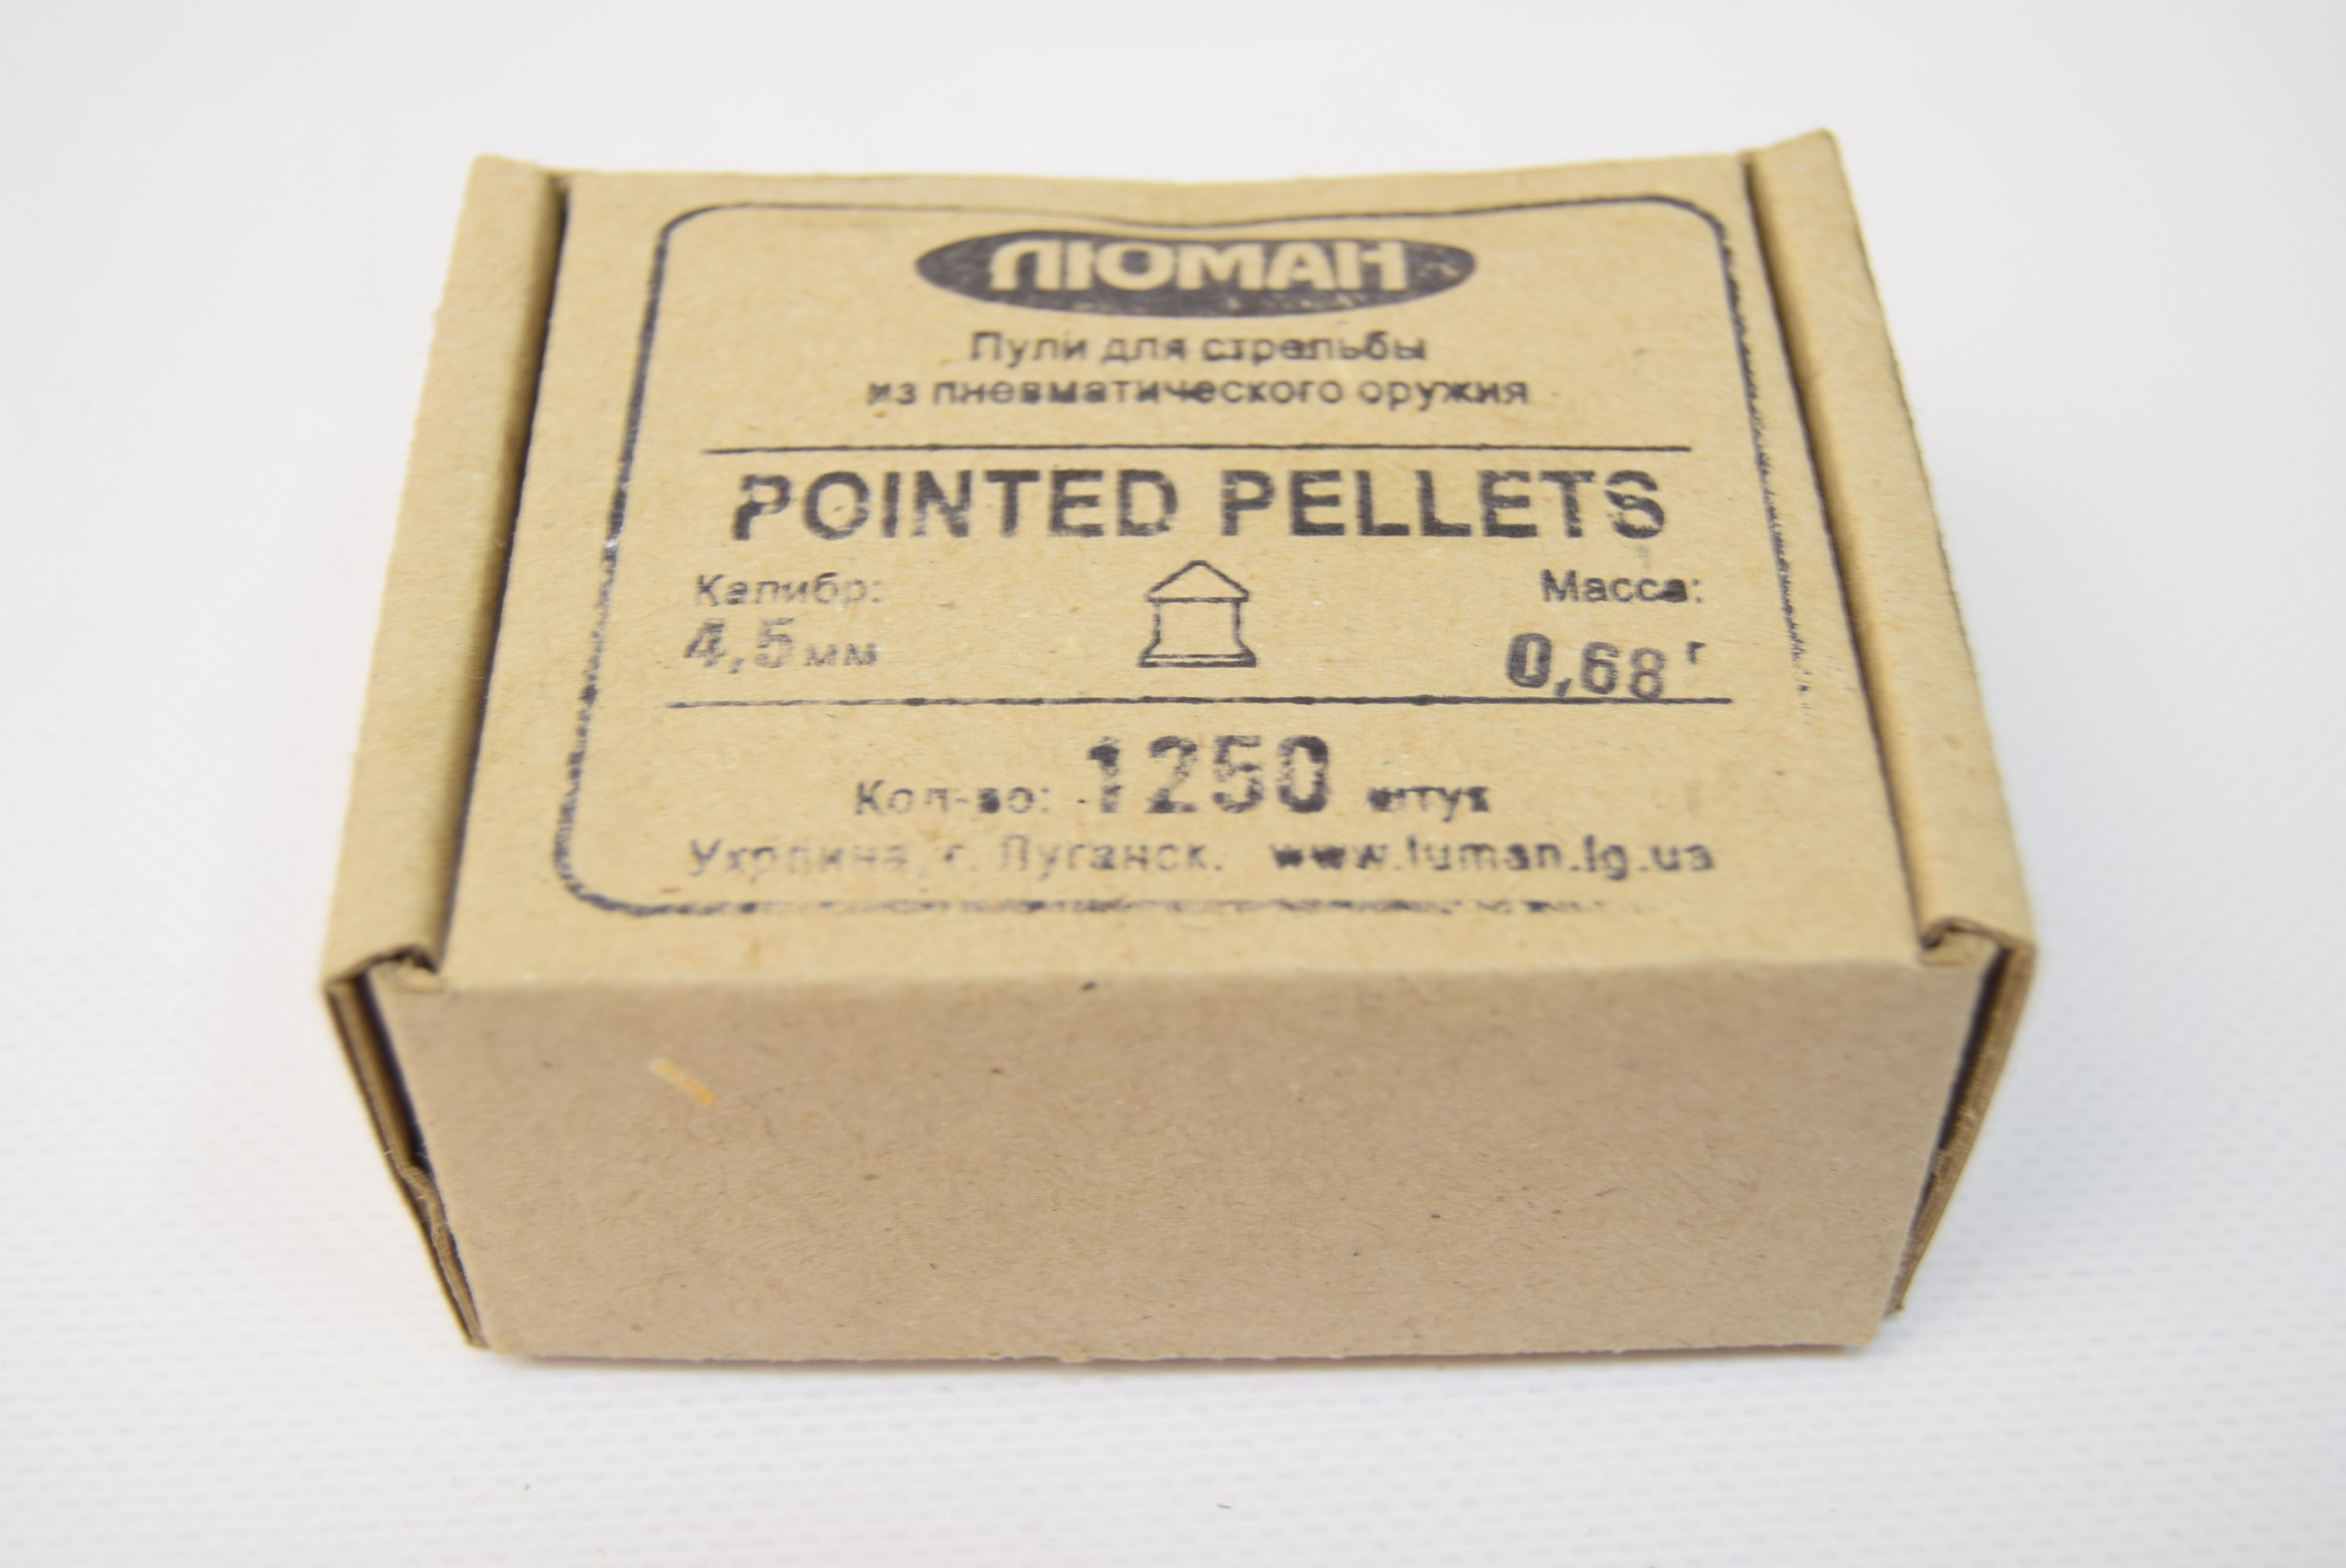 4,5 мм, 0,68 грамм, 1250 и 450 штук пульки Люман Pointed Pellets|Пейнтбольные аксессуары| | АлиЭкспресс